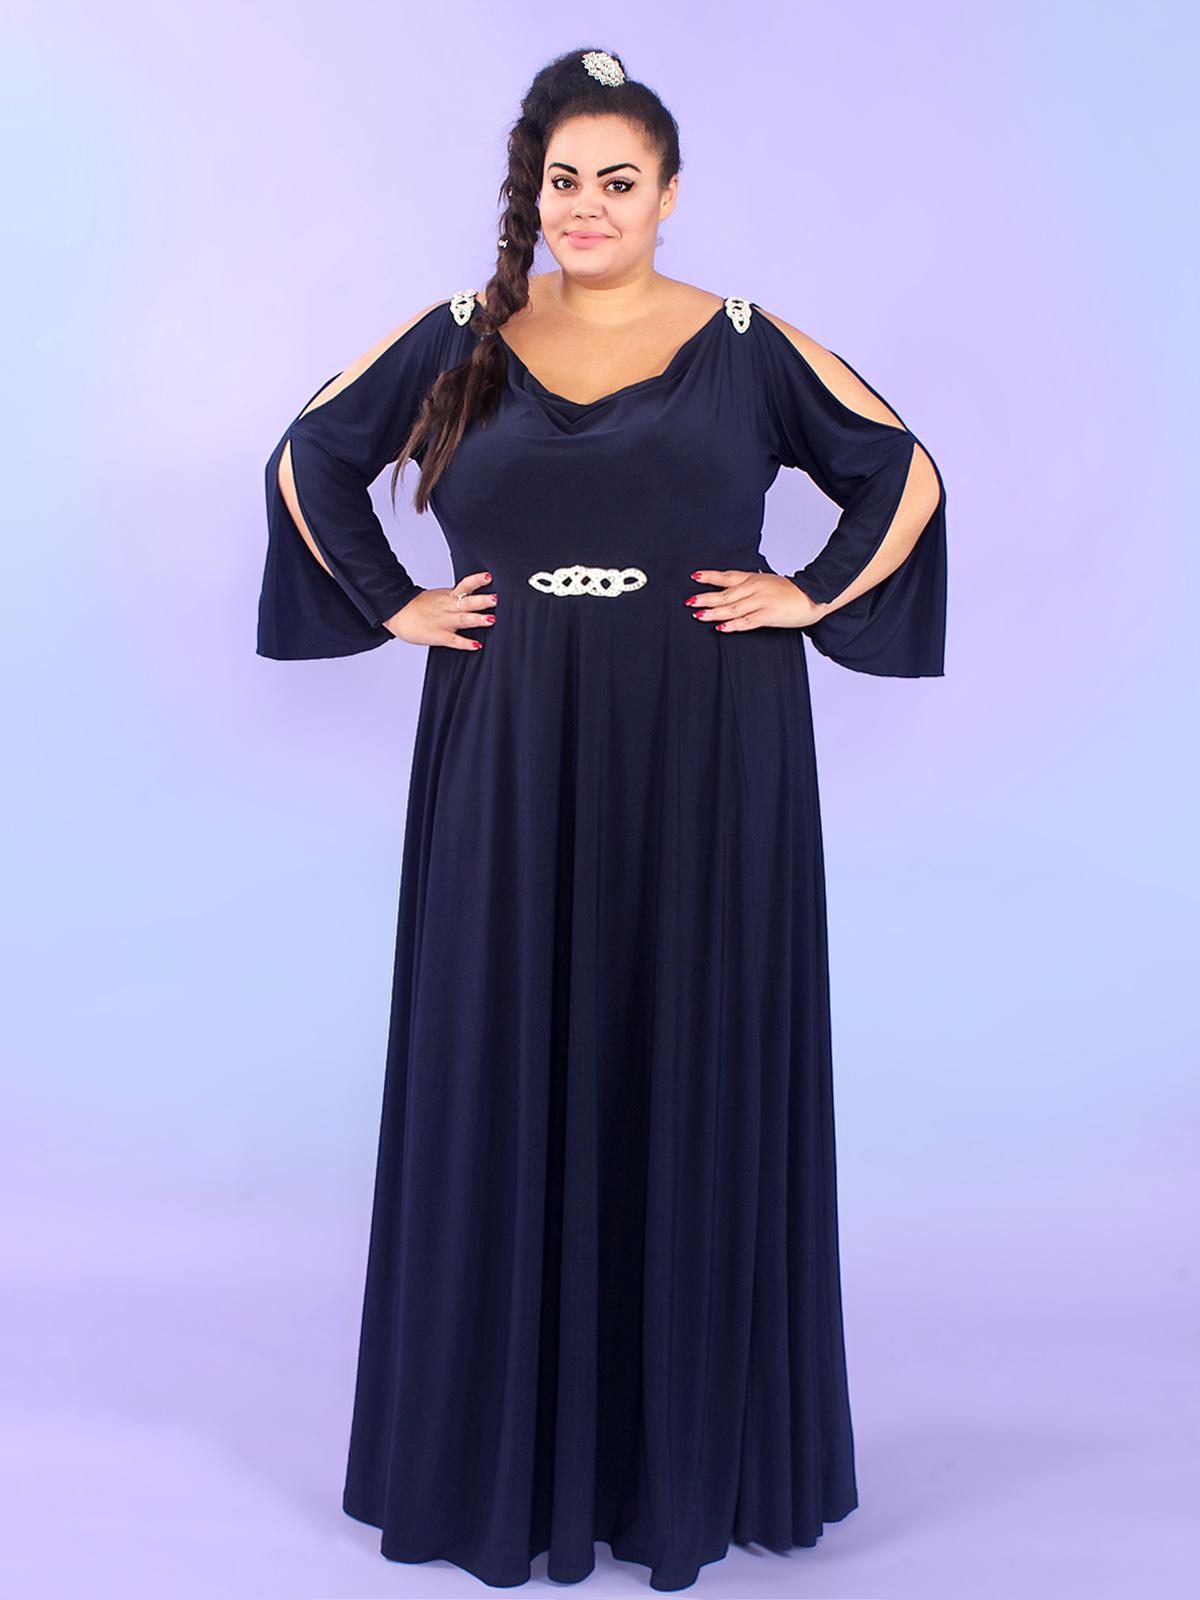 Интернет магазин платьев длинных 52 размер